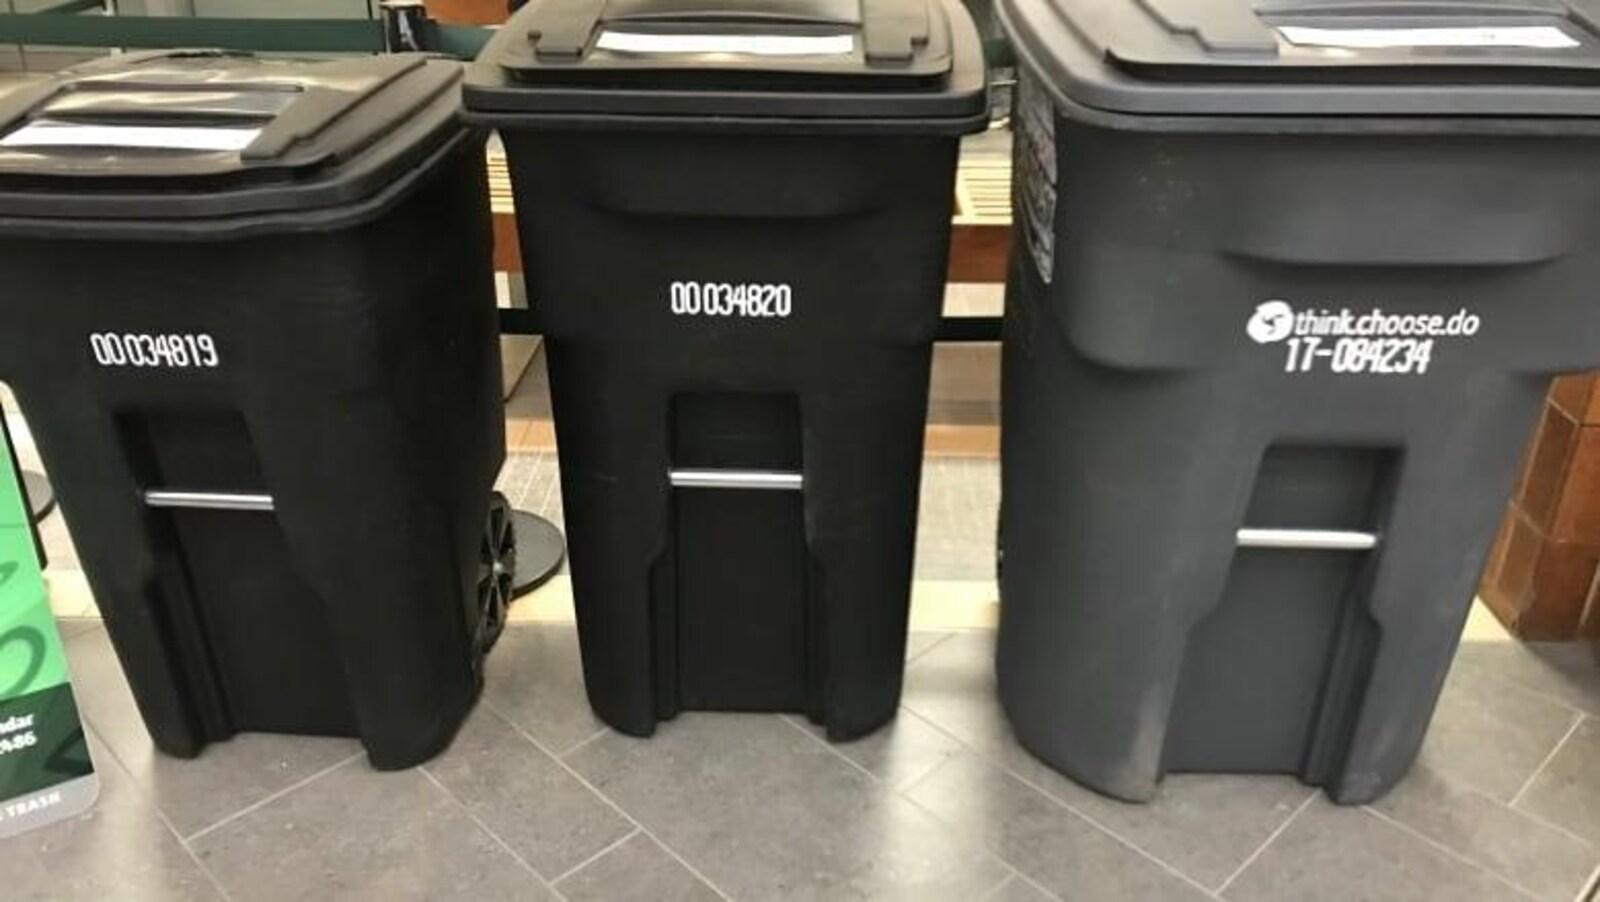 Trois bacs à ordures.